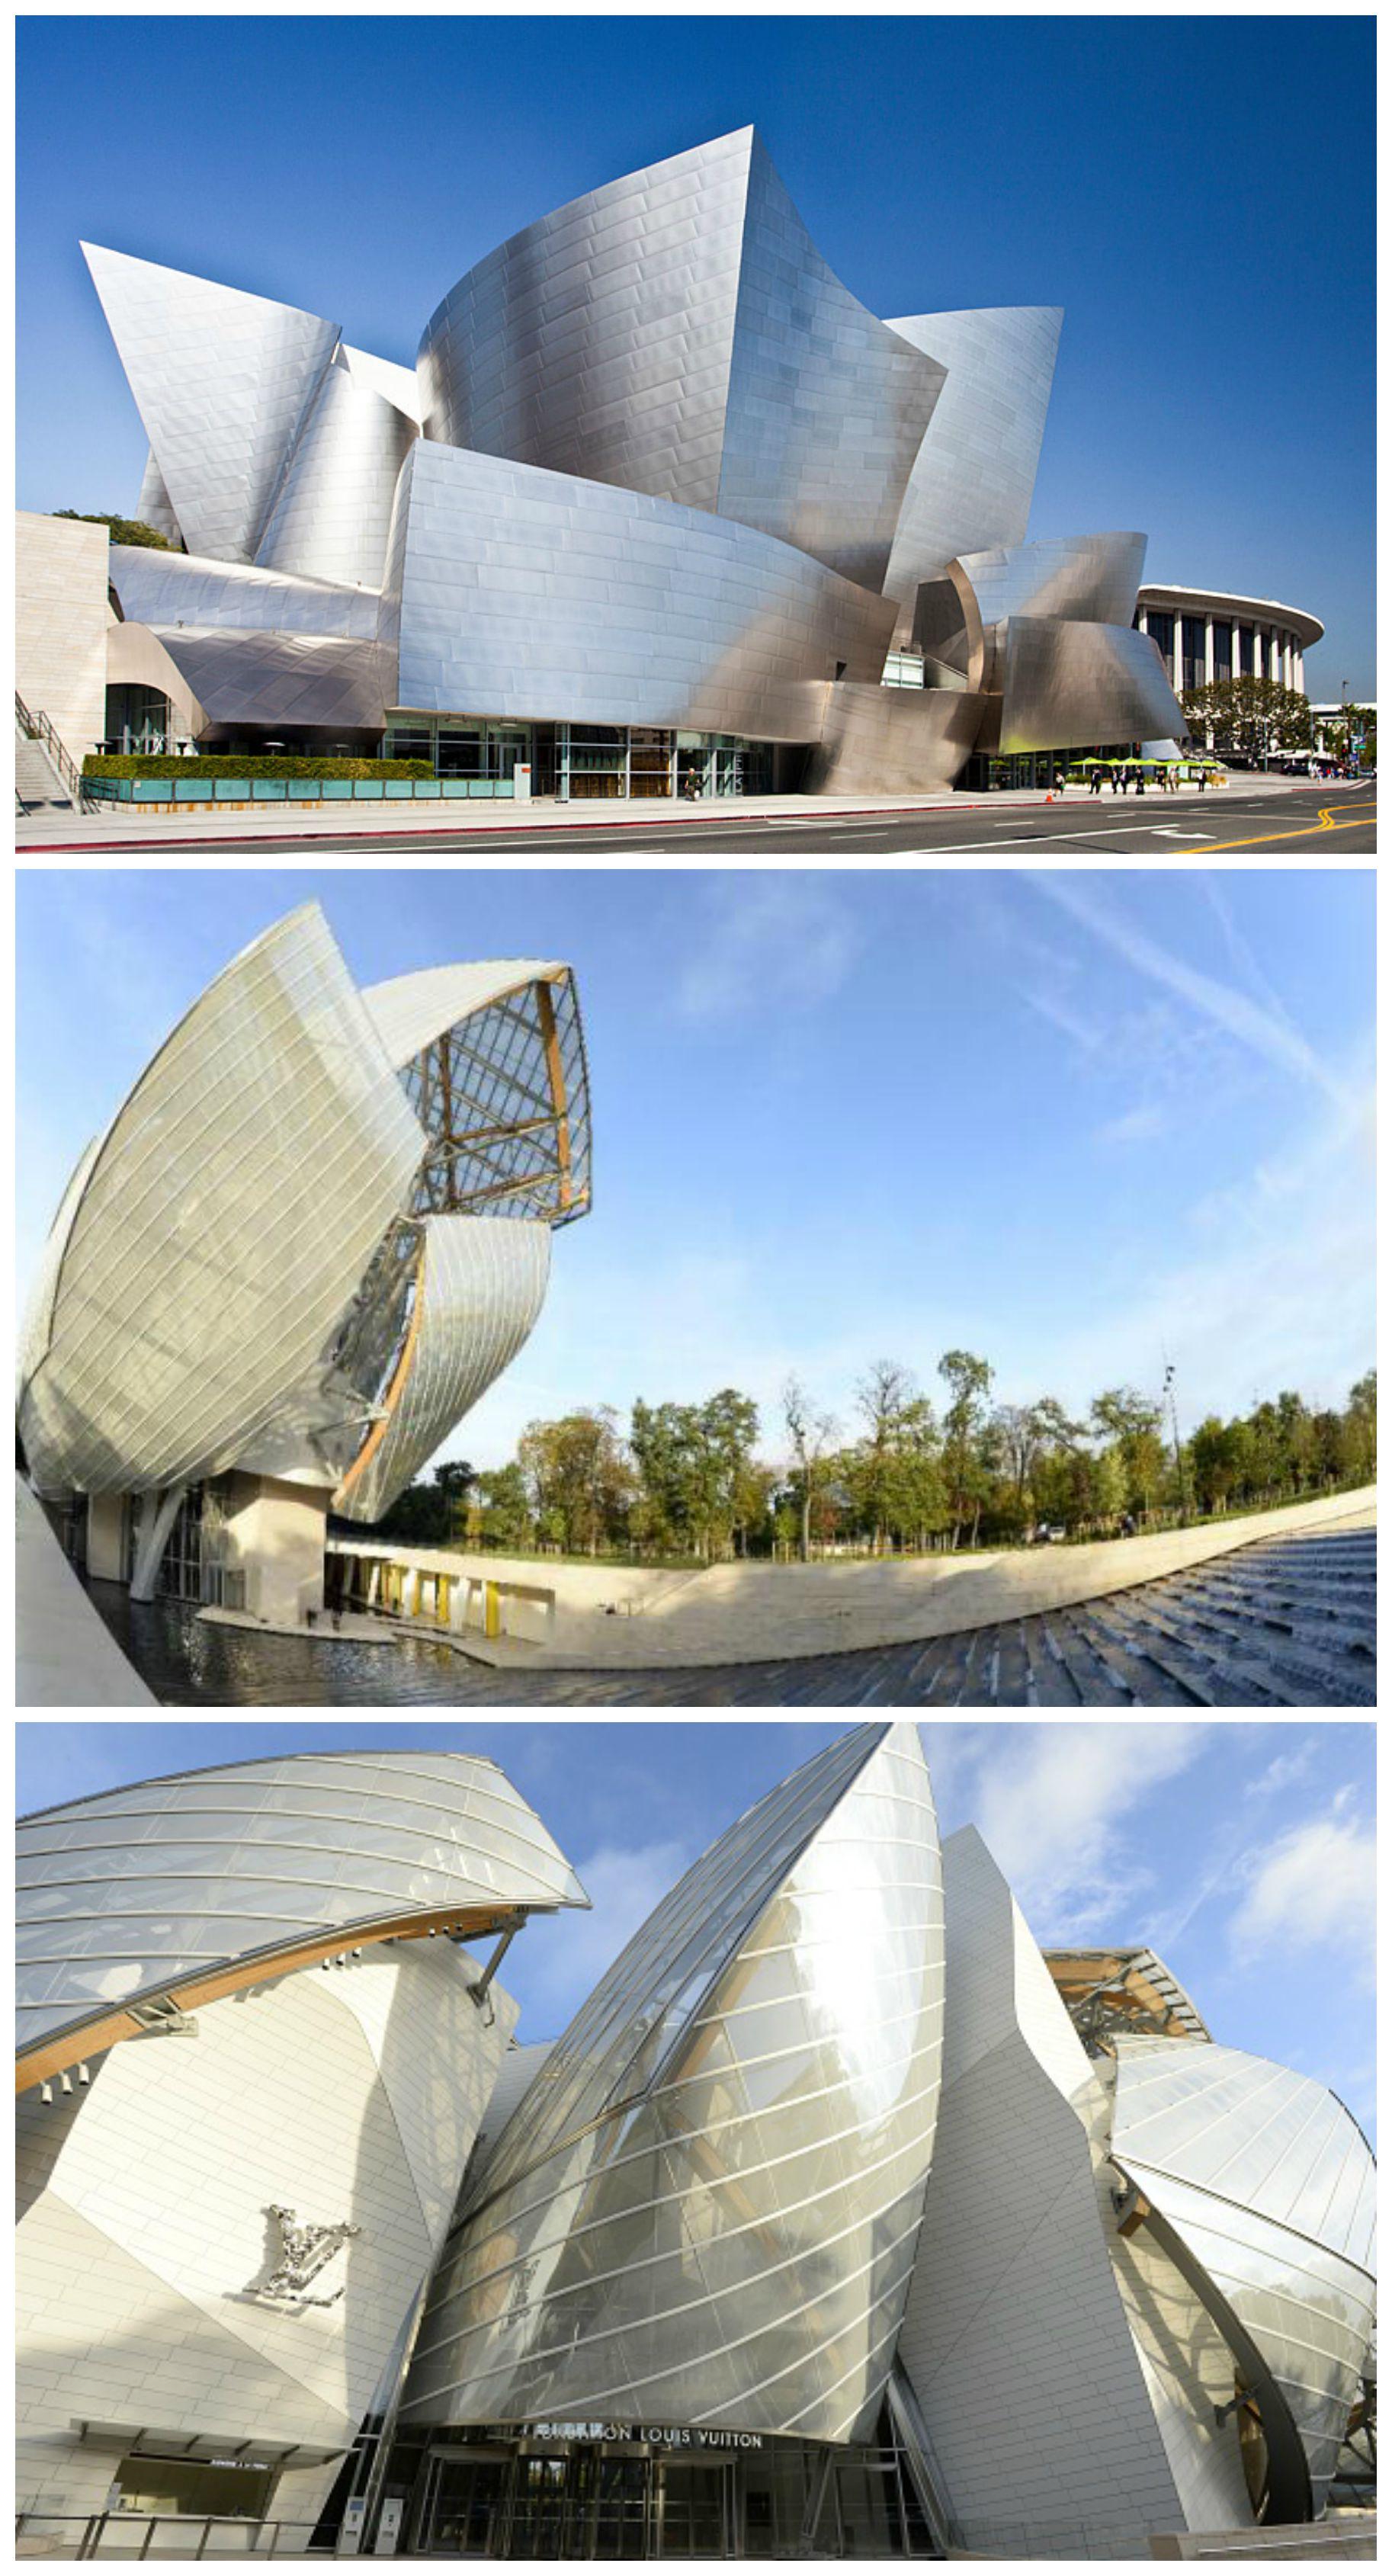 Fundação Louis Vuitton